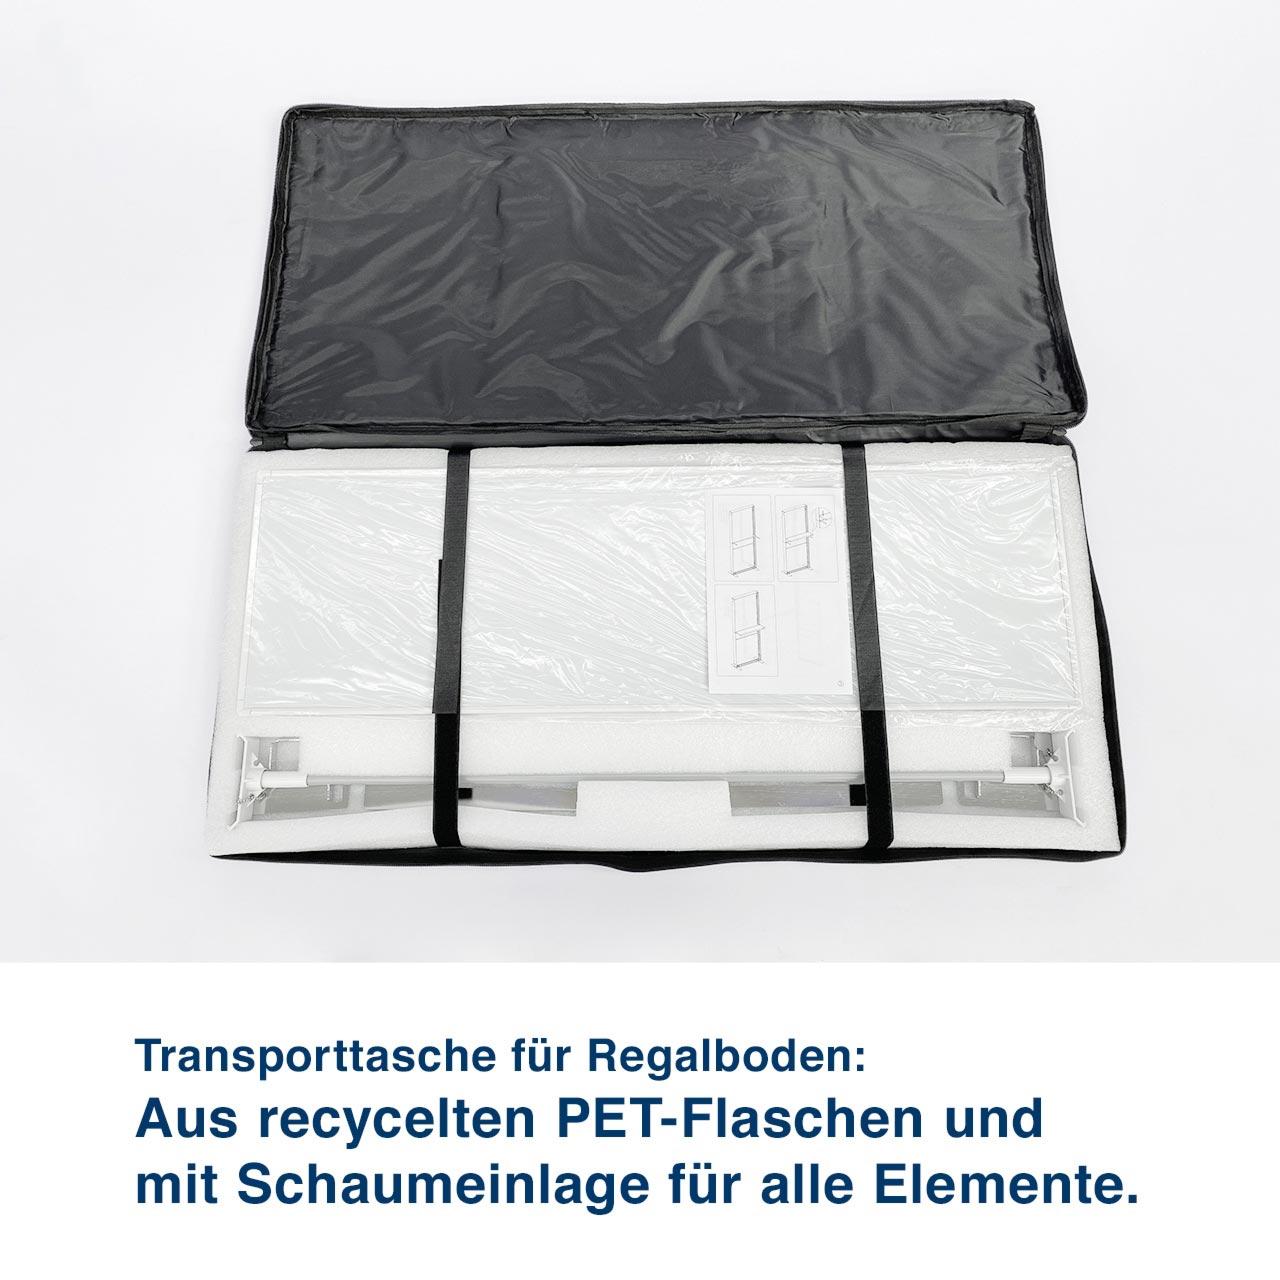 Transporttasche für Regalboden:  Aus recycelten PET-Flaschen und  mit Schaumeinlage für alle Elemente.